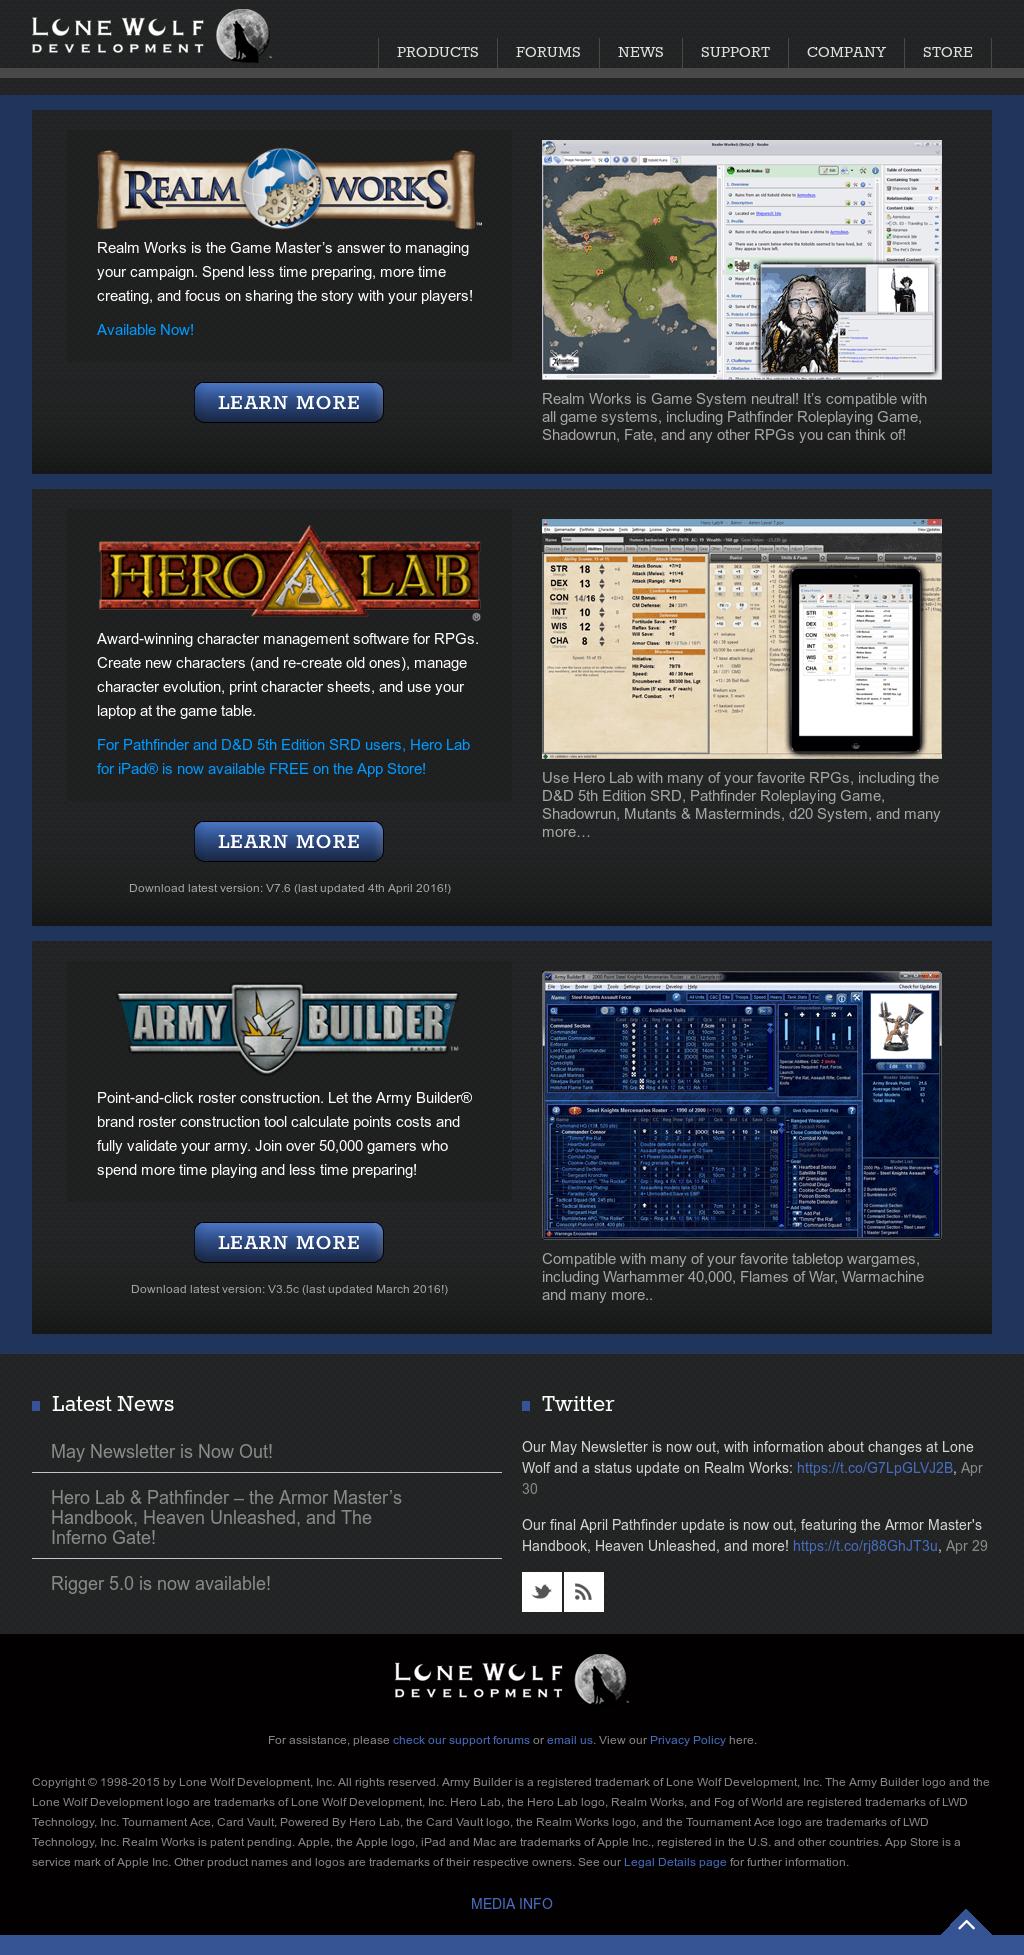 hero lab free download